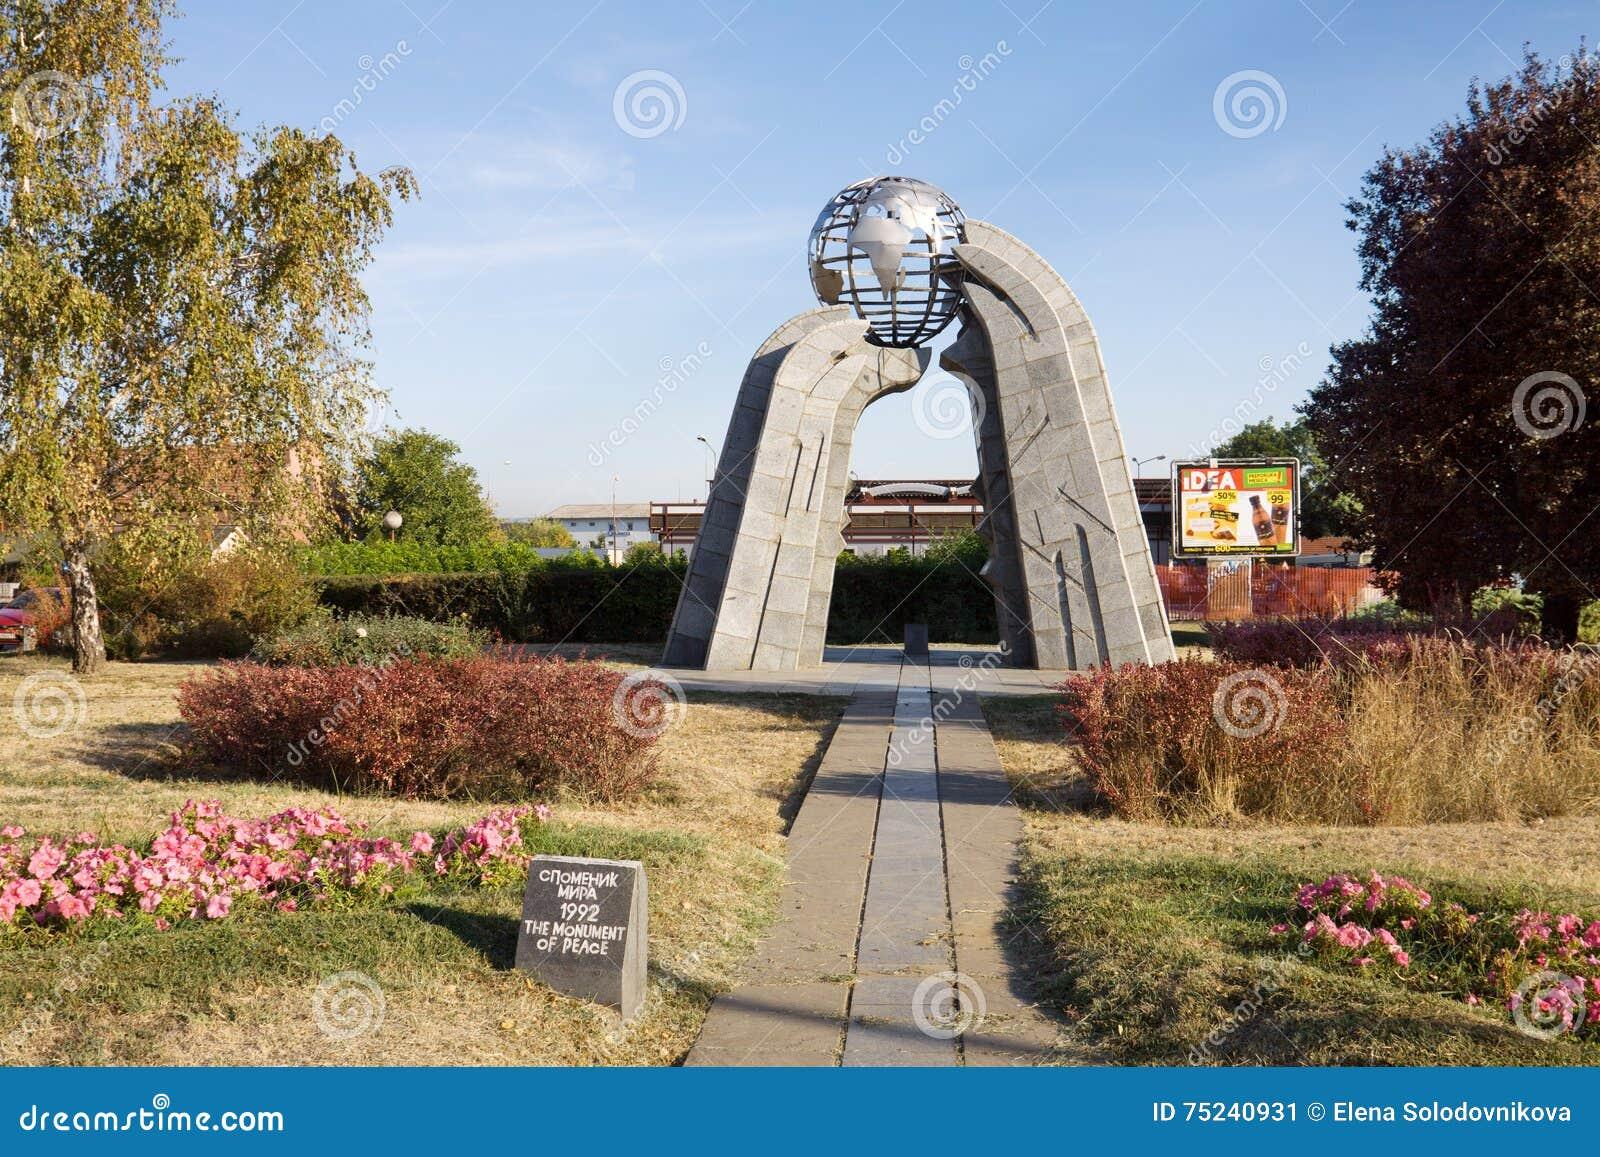 Το μνημείο της ειρήνης στην πόλη Krusevac στη Σερβία